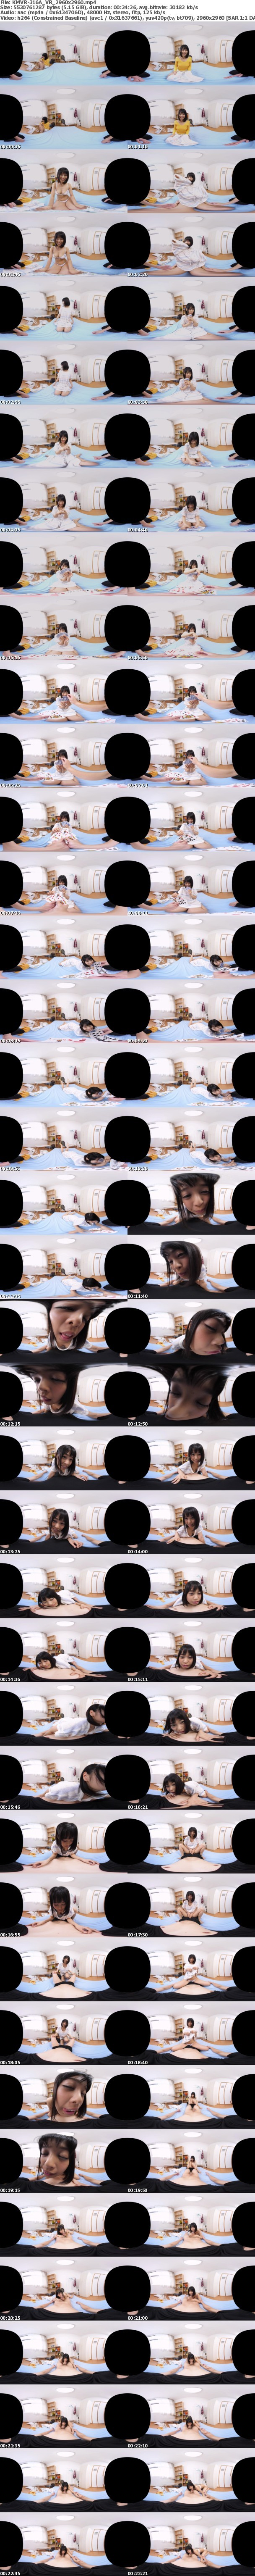 VR/3D KMVR-316 【VR】イチャつきデリヘル 紗藤まゆ【リアル映像】